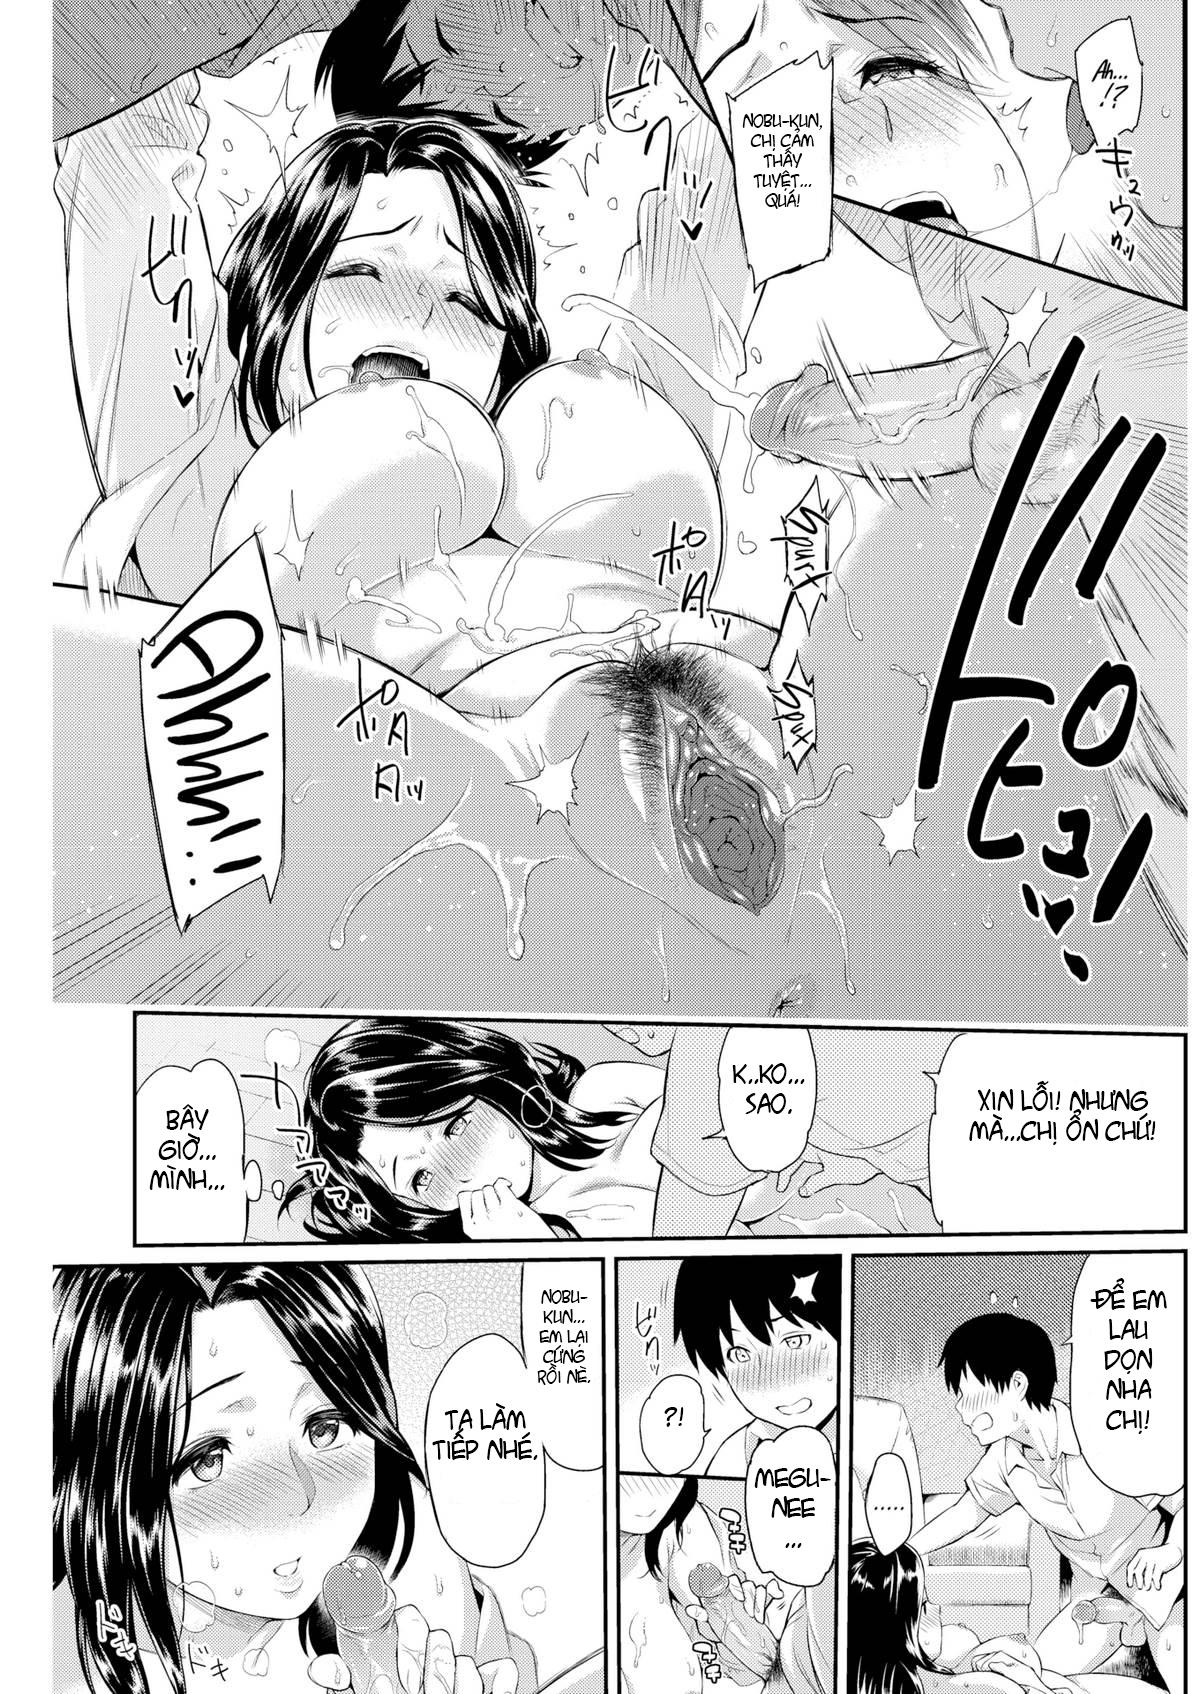 Hình ảnh  in Truyện Hentai Một Ngày Loạn Luân Với Người tình